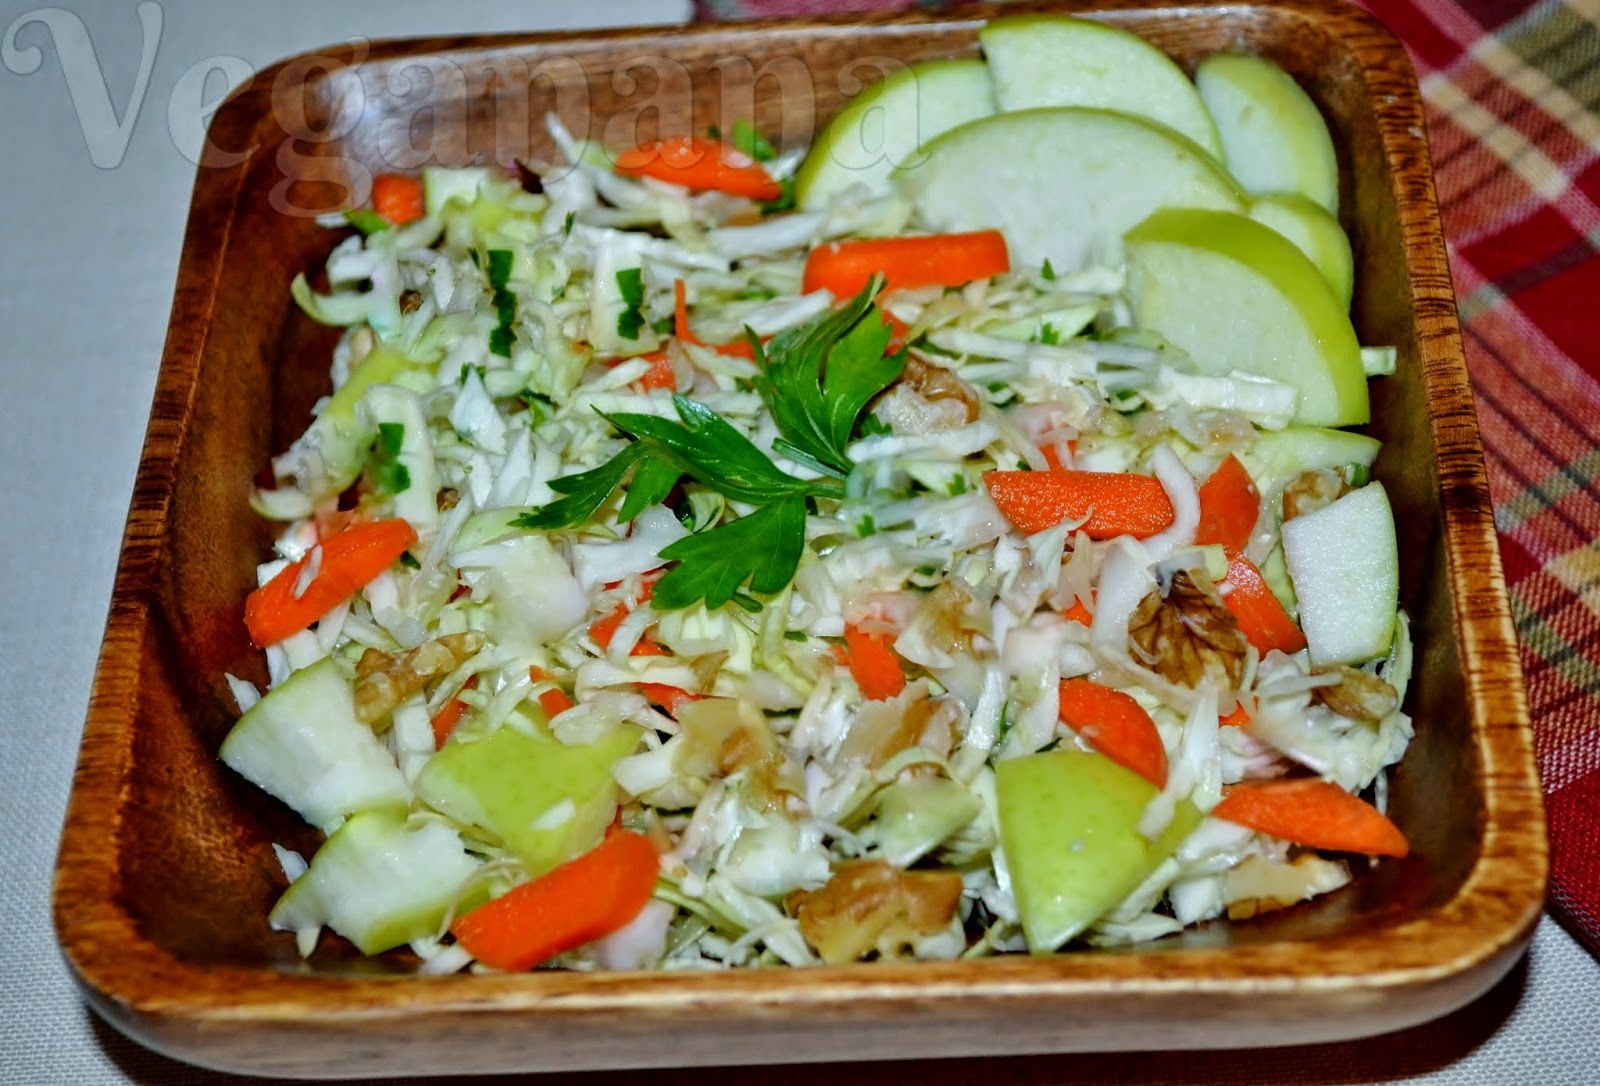 pratos decorados de salada verde